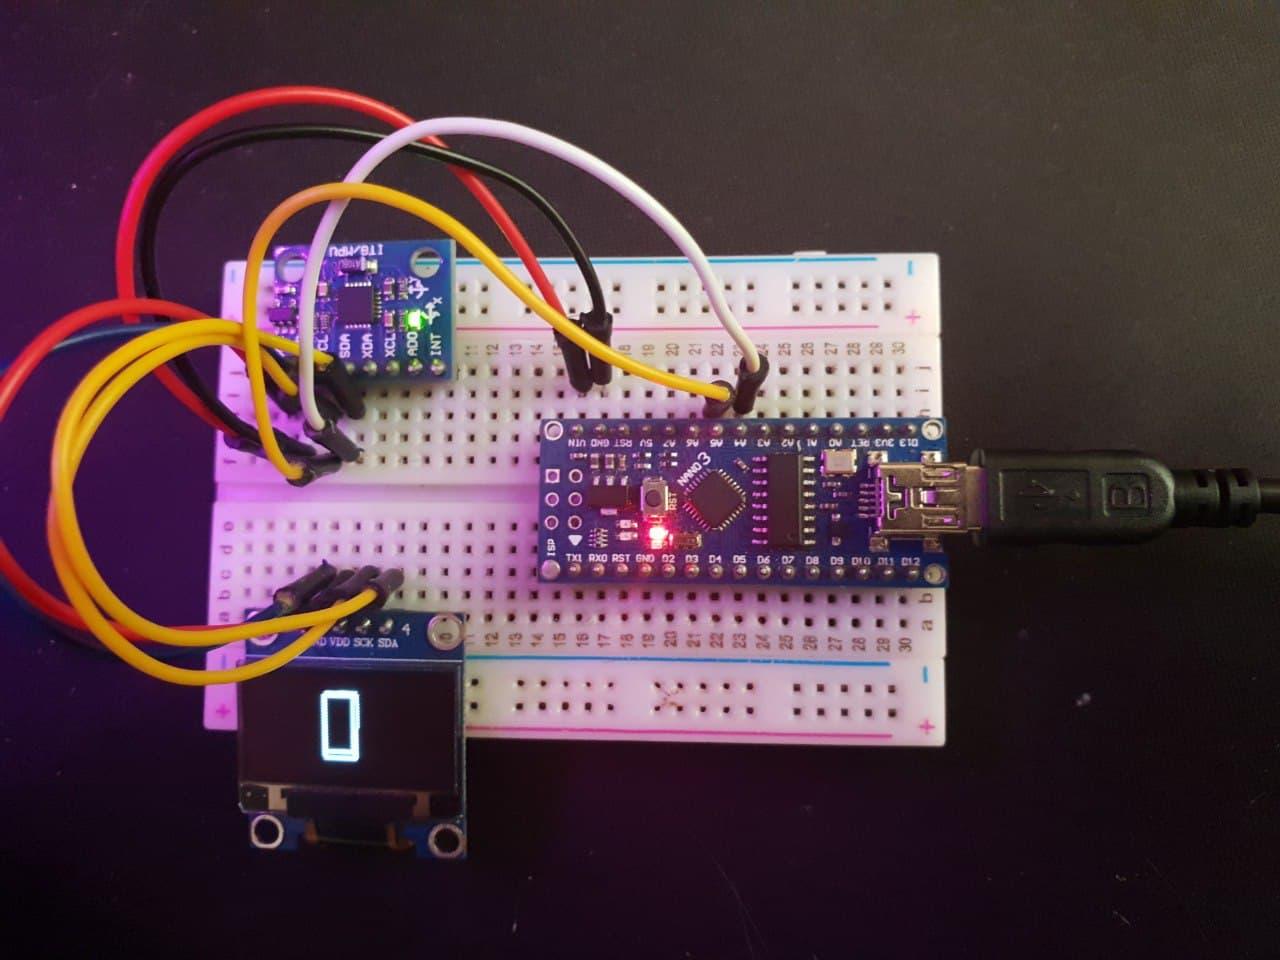 راه اندازی ماژول MPU6050 با نمایشگر OLED و برد آردوینو نانو Nano - دیجی اسپارک